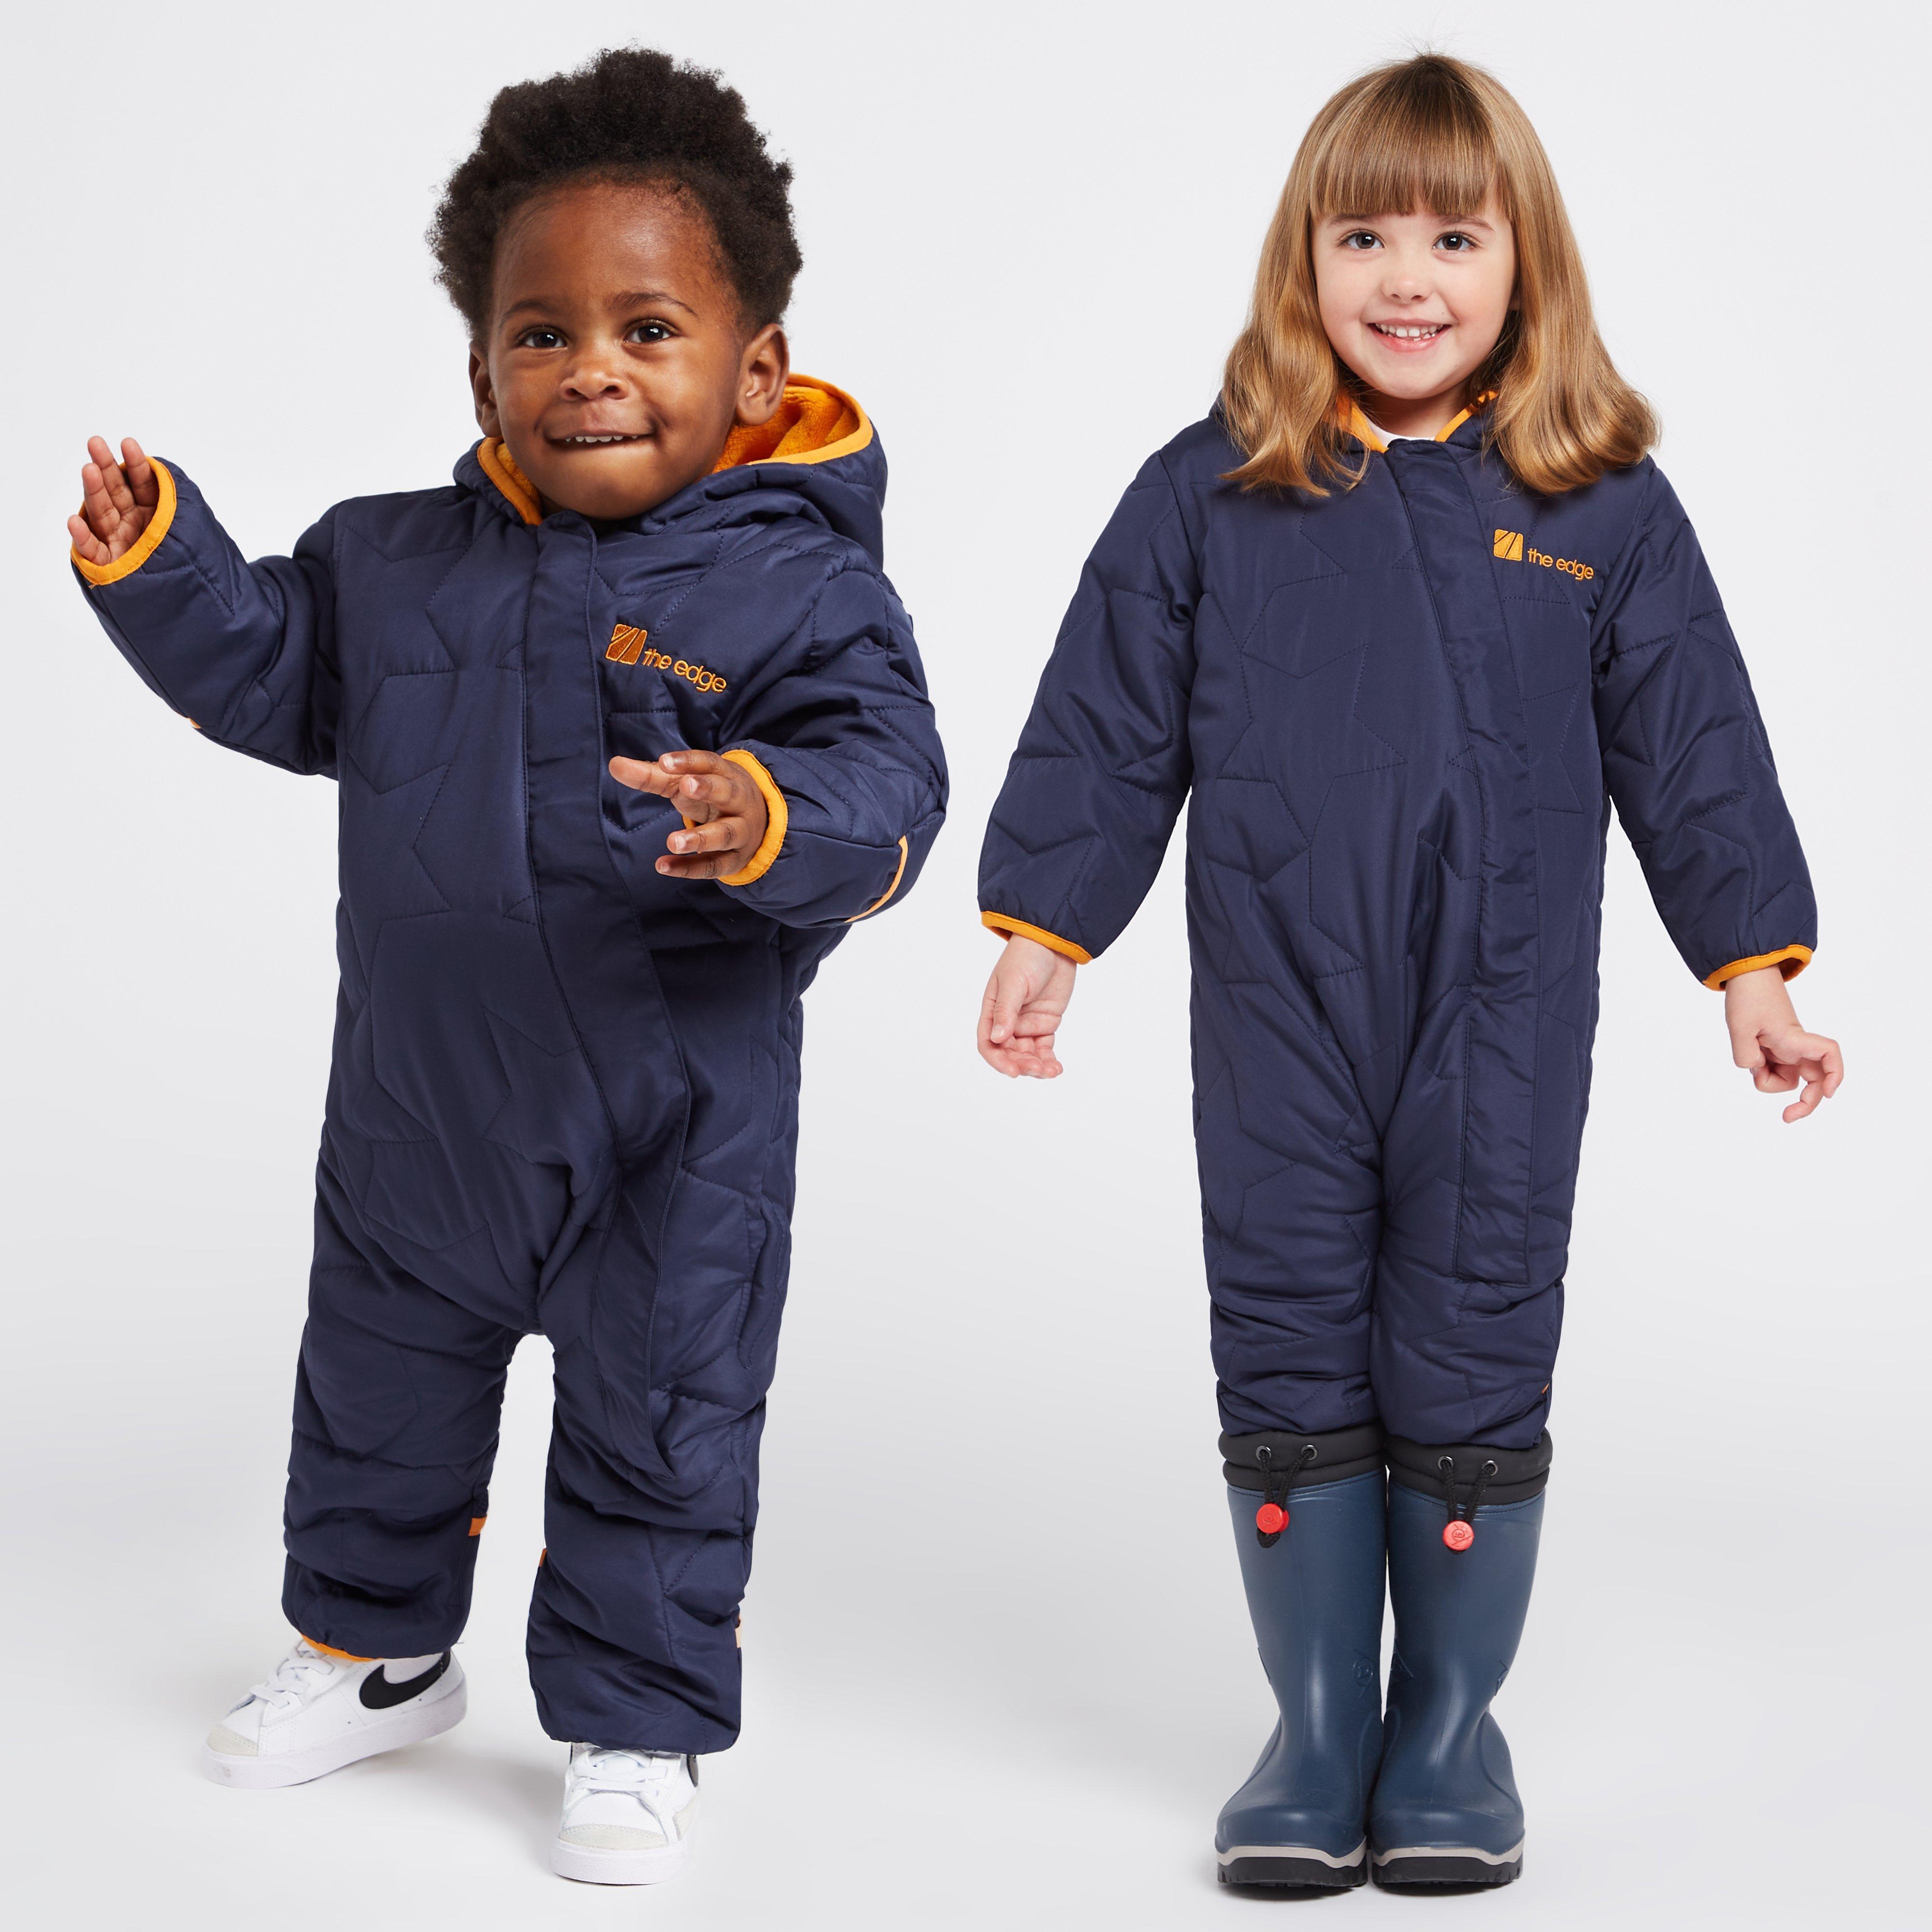 The Edge Childrens Star Snowsuit - Navy/navy  Navy/navy